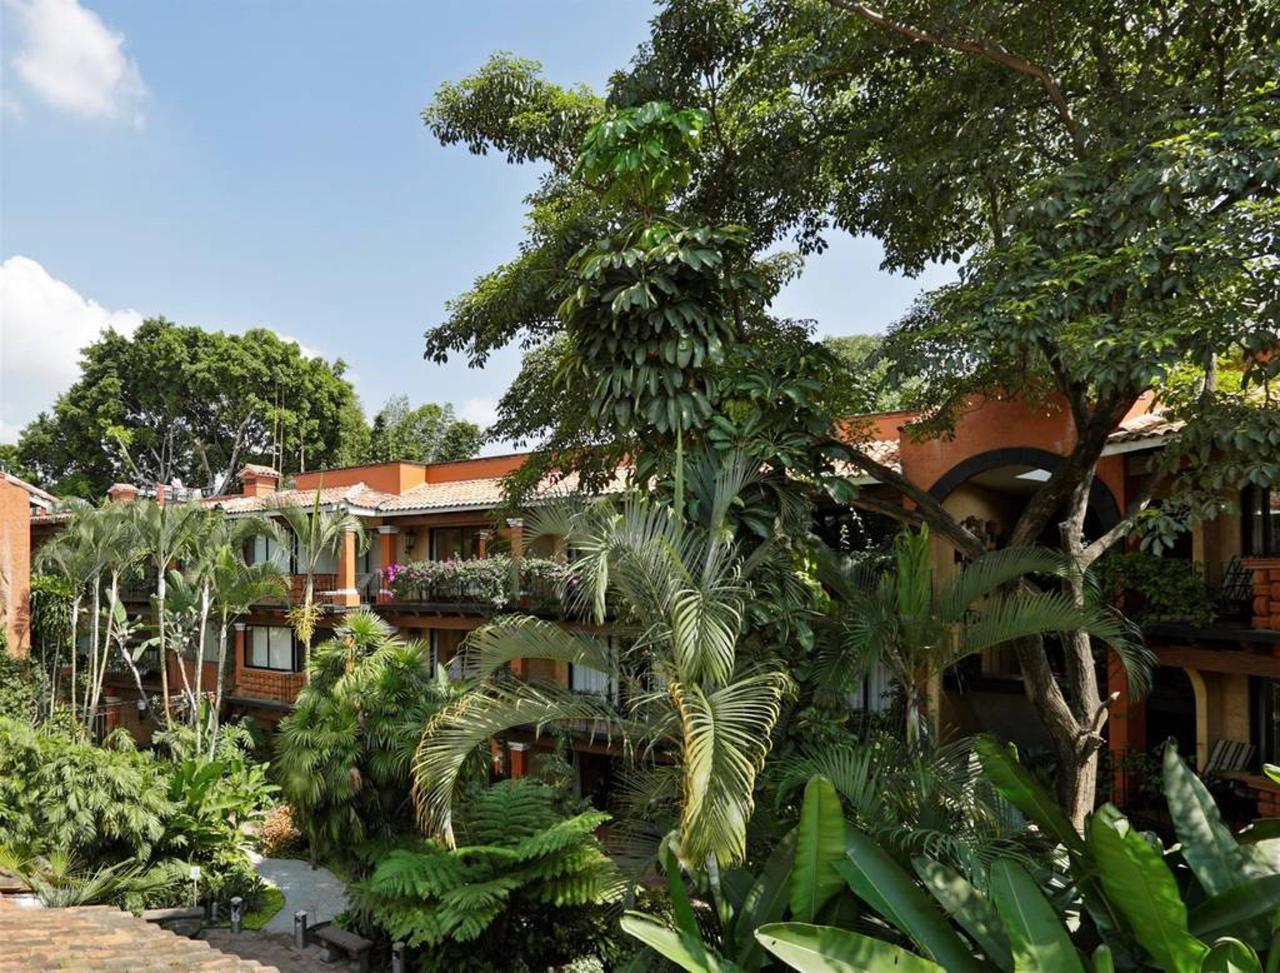 Hostería las Quintas - T: +52 (777) 362.3949 Ext:7416E: cjardines@hosterialasquintas.com.mx